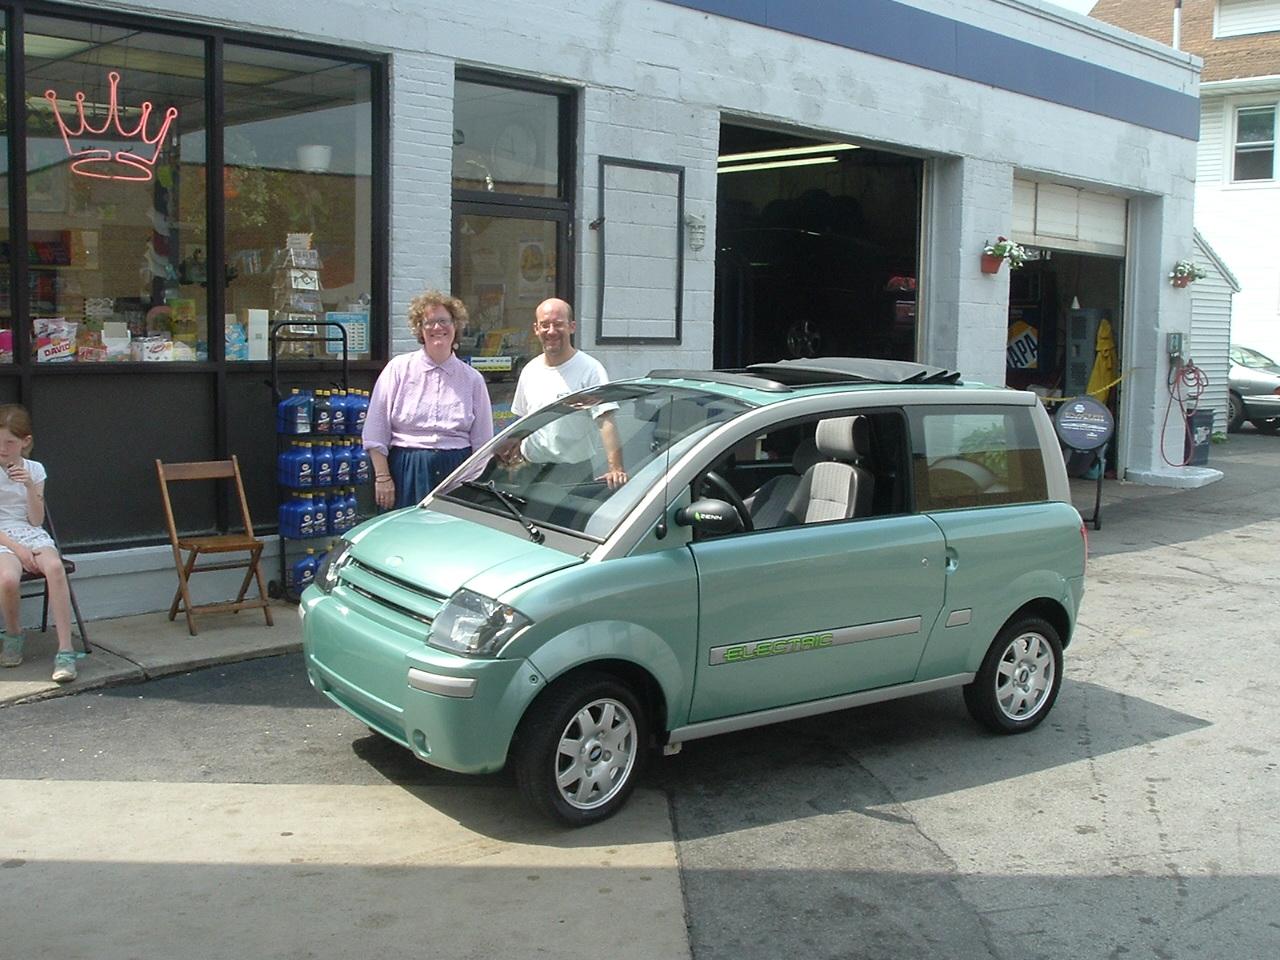 Joe S Blog Joe S Service Center Buffalo Ny Auto Repair Shop